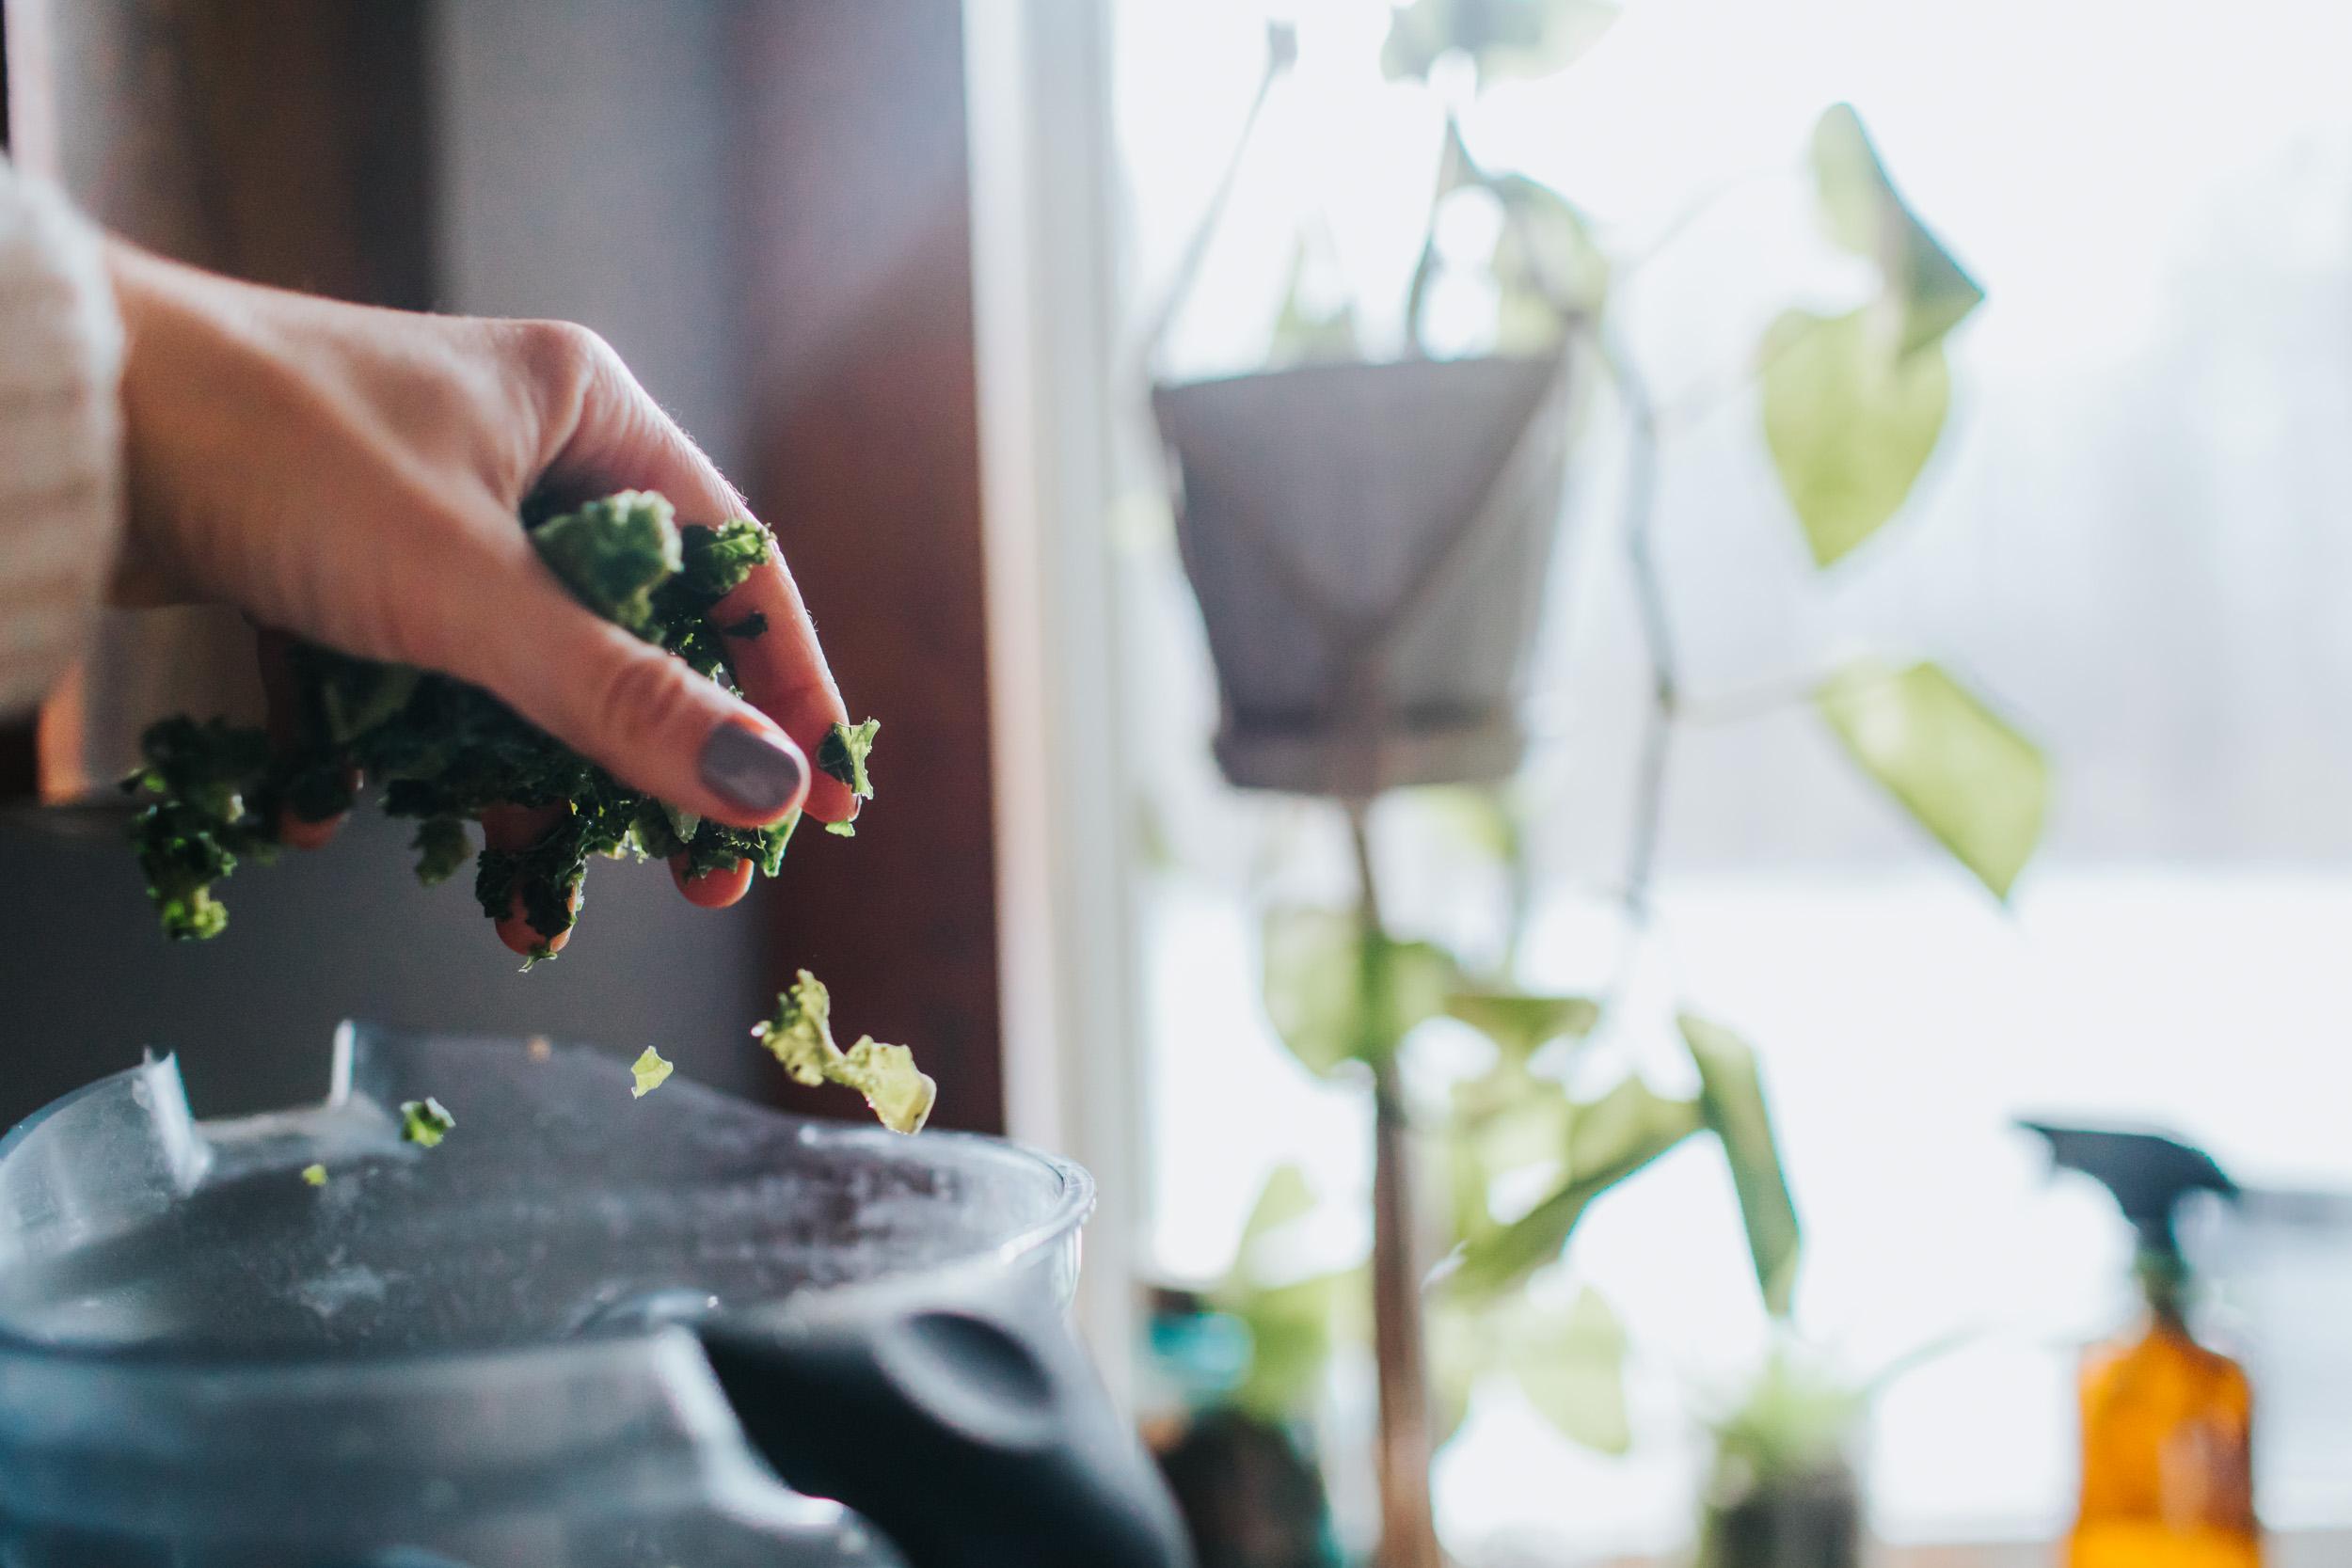 hand sprinkling green kale into vitamix blender